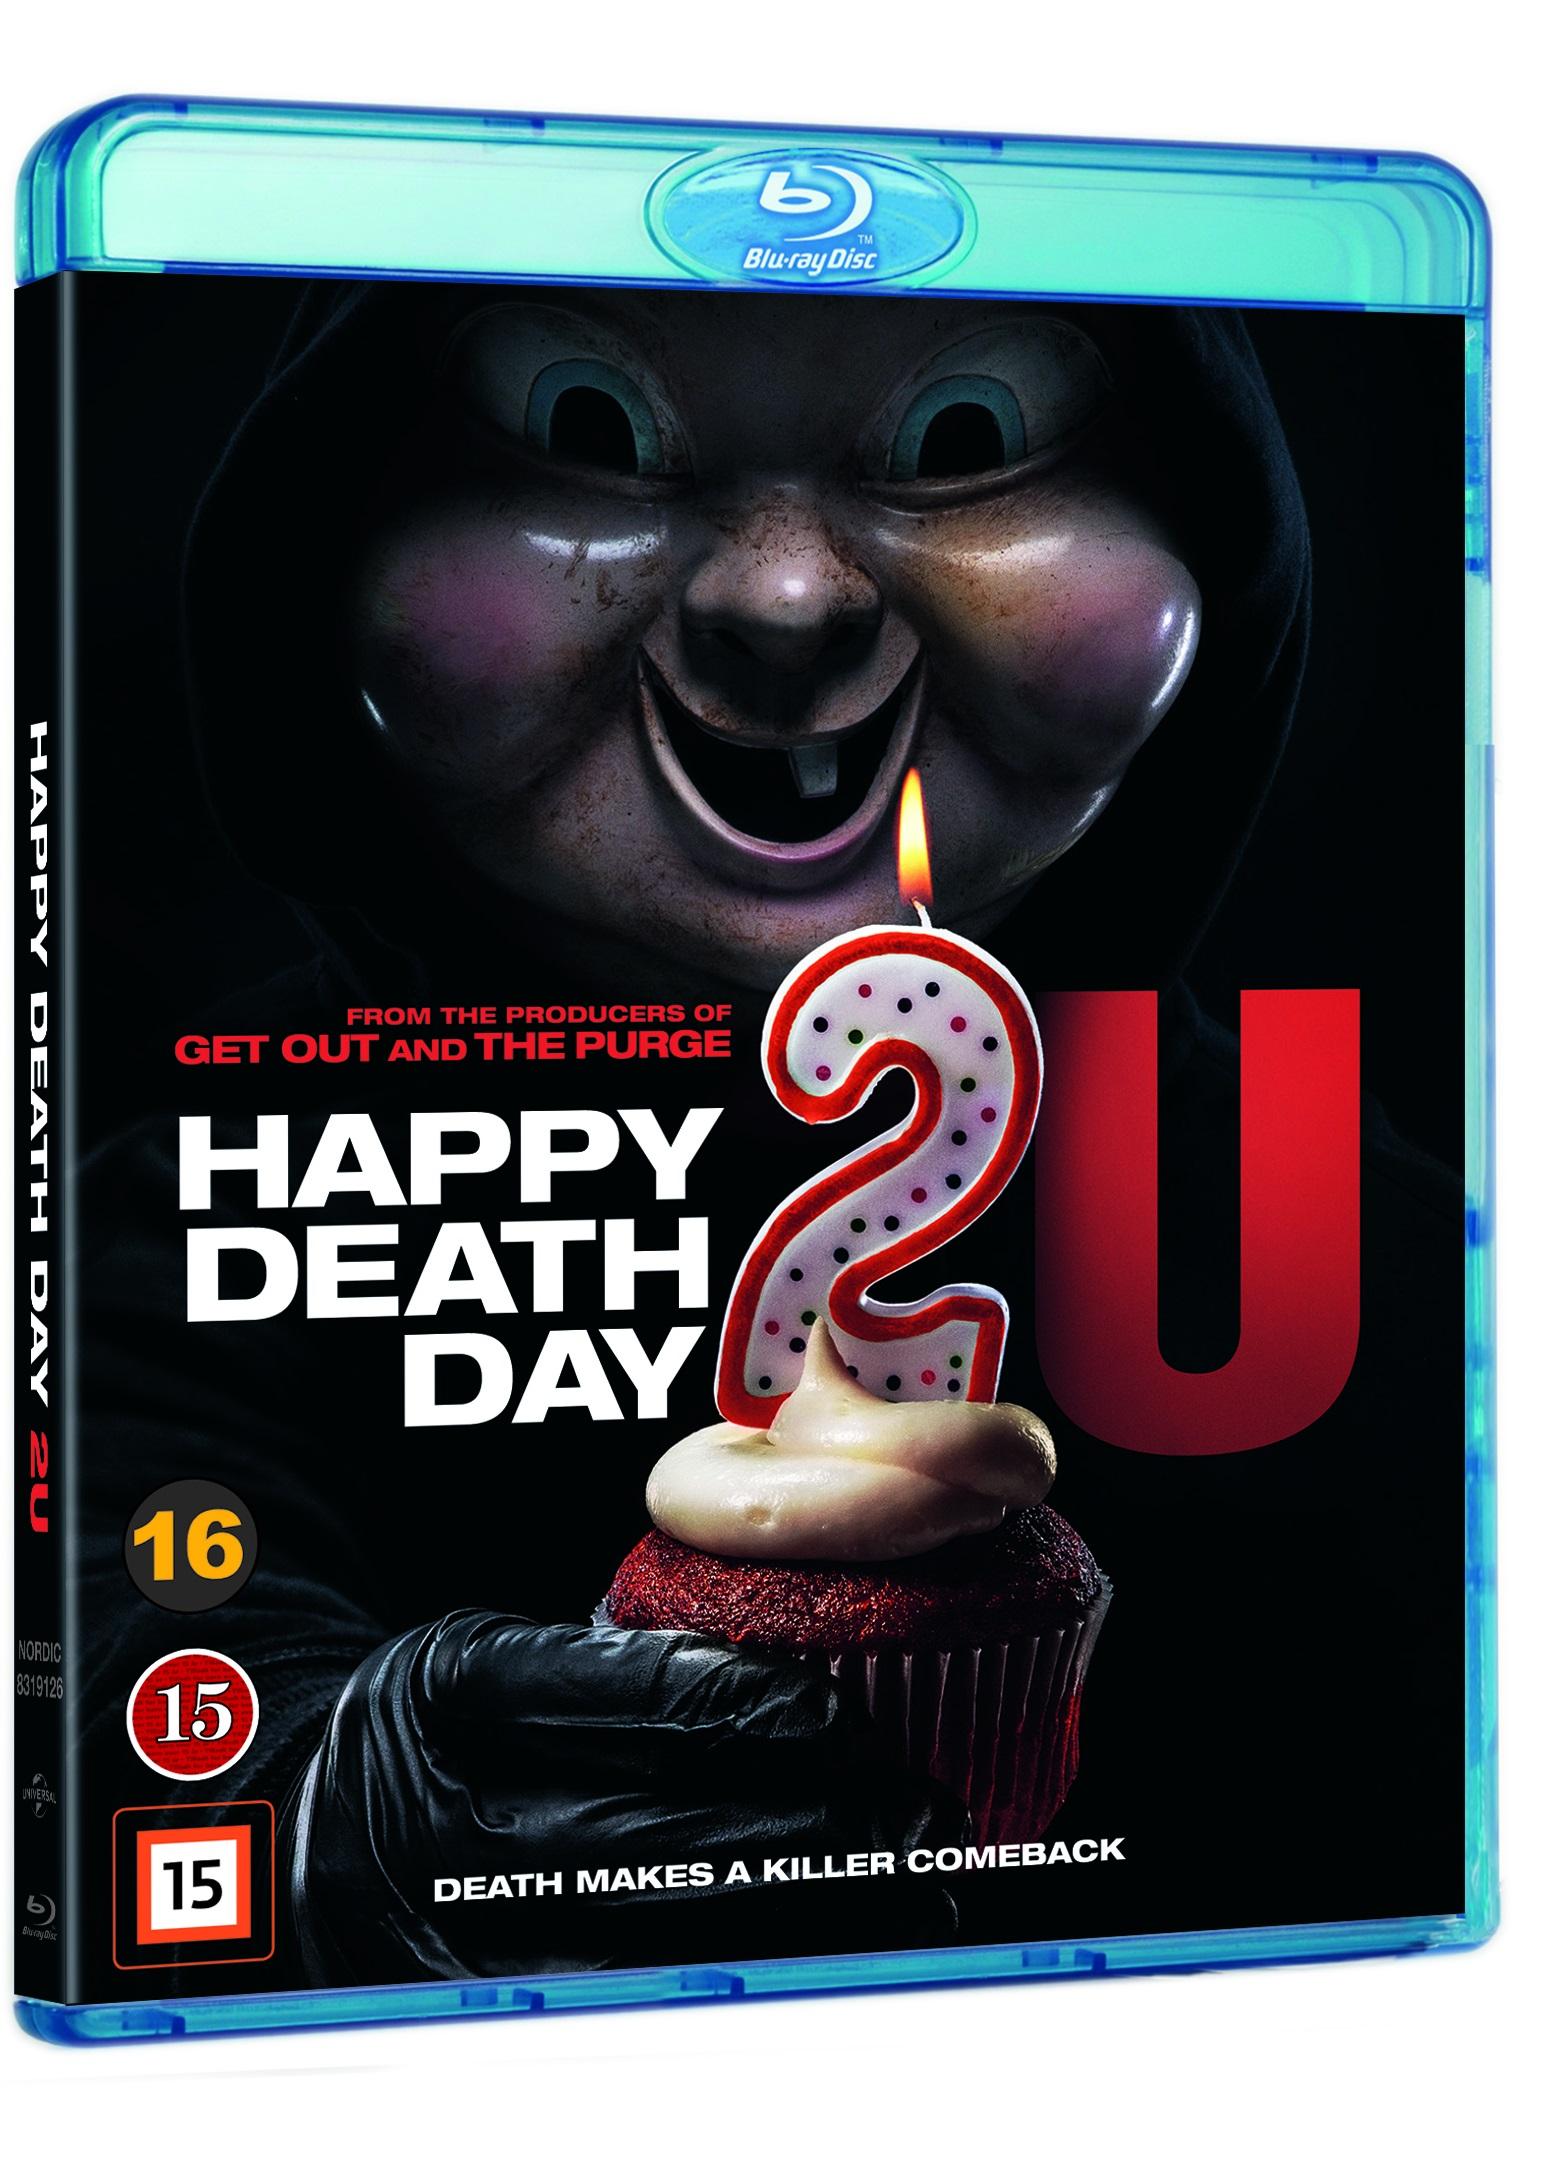 Happy Death Day 2U -  - Film -  - 5053083191269 - July 4, 2019